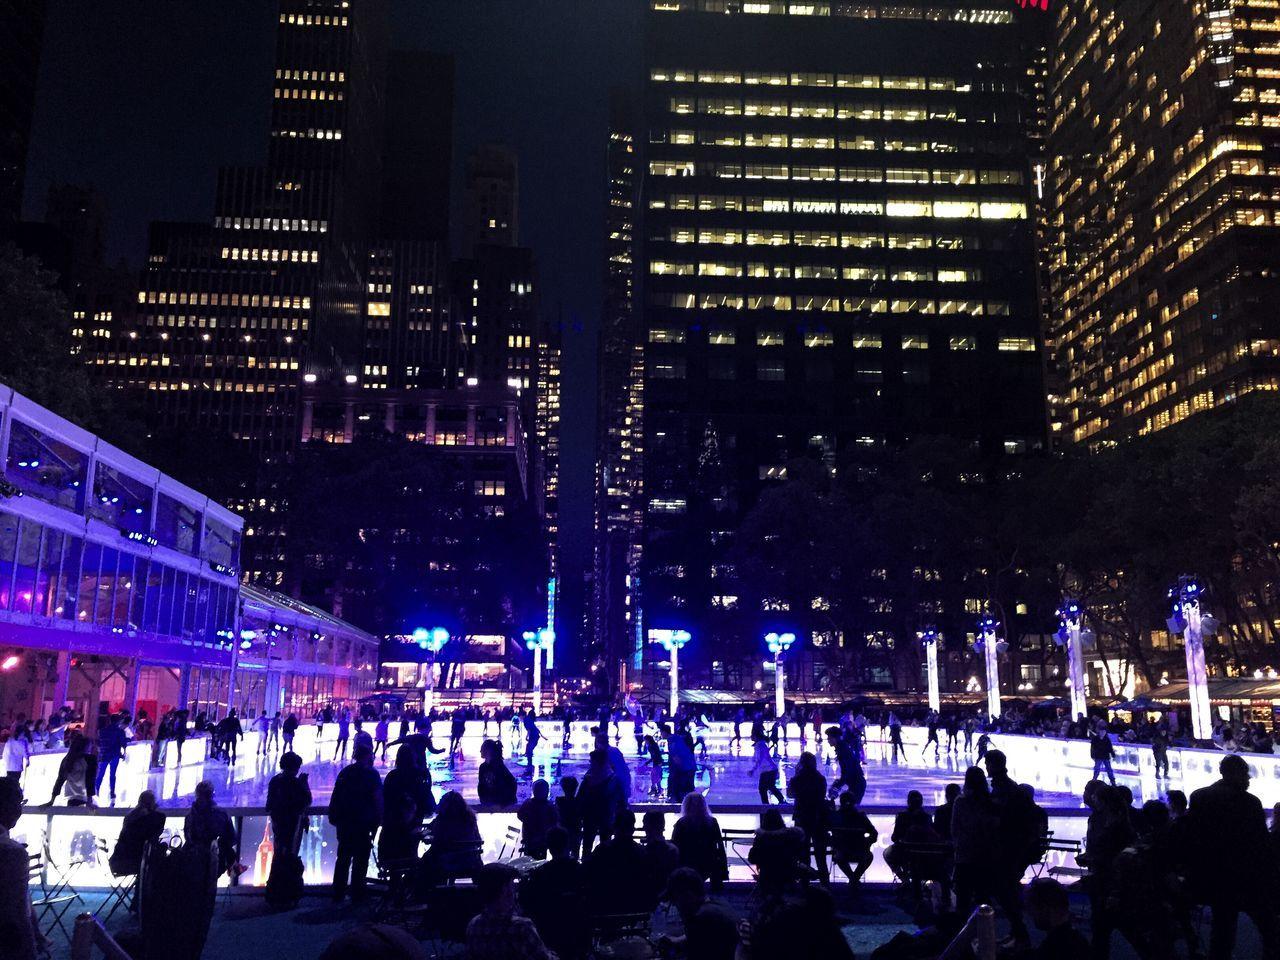 Skating at Bryant Park Skating Skating ✌ Skating Rink Icerink Ice Rink Skating In The Dark Ice Skating Ice Skating ❄ Winter Is Coming Christmas Is Coming Night Illuminated City Outdoors Ice Rink Bryantpark Bryant Park  New York New York City